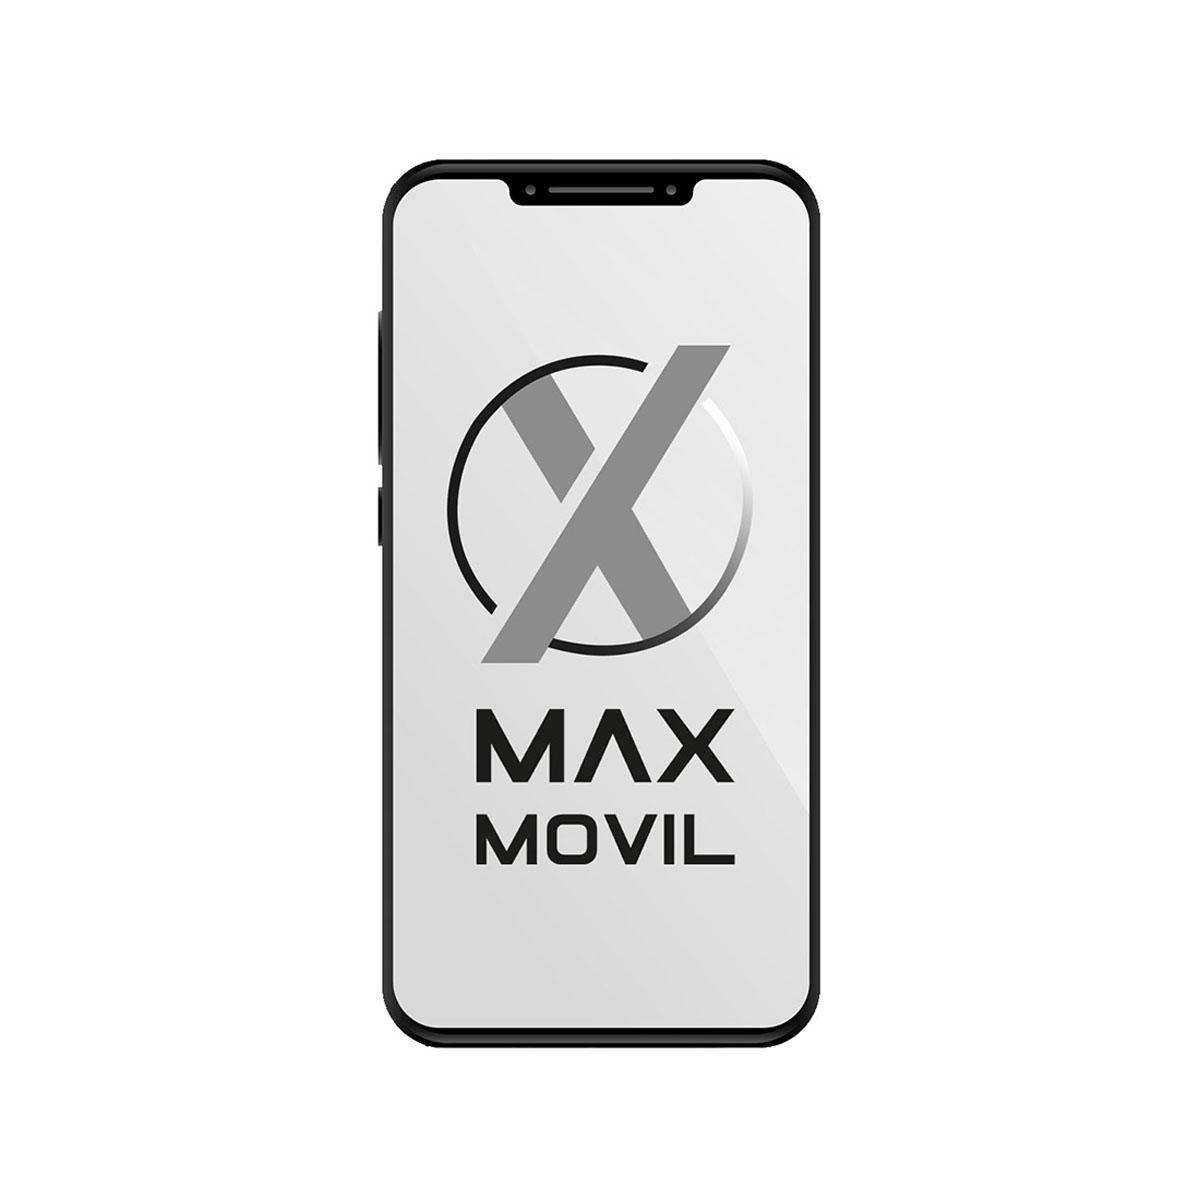 Carcasa original para el iocean X8 mini pro negra